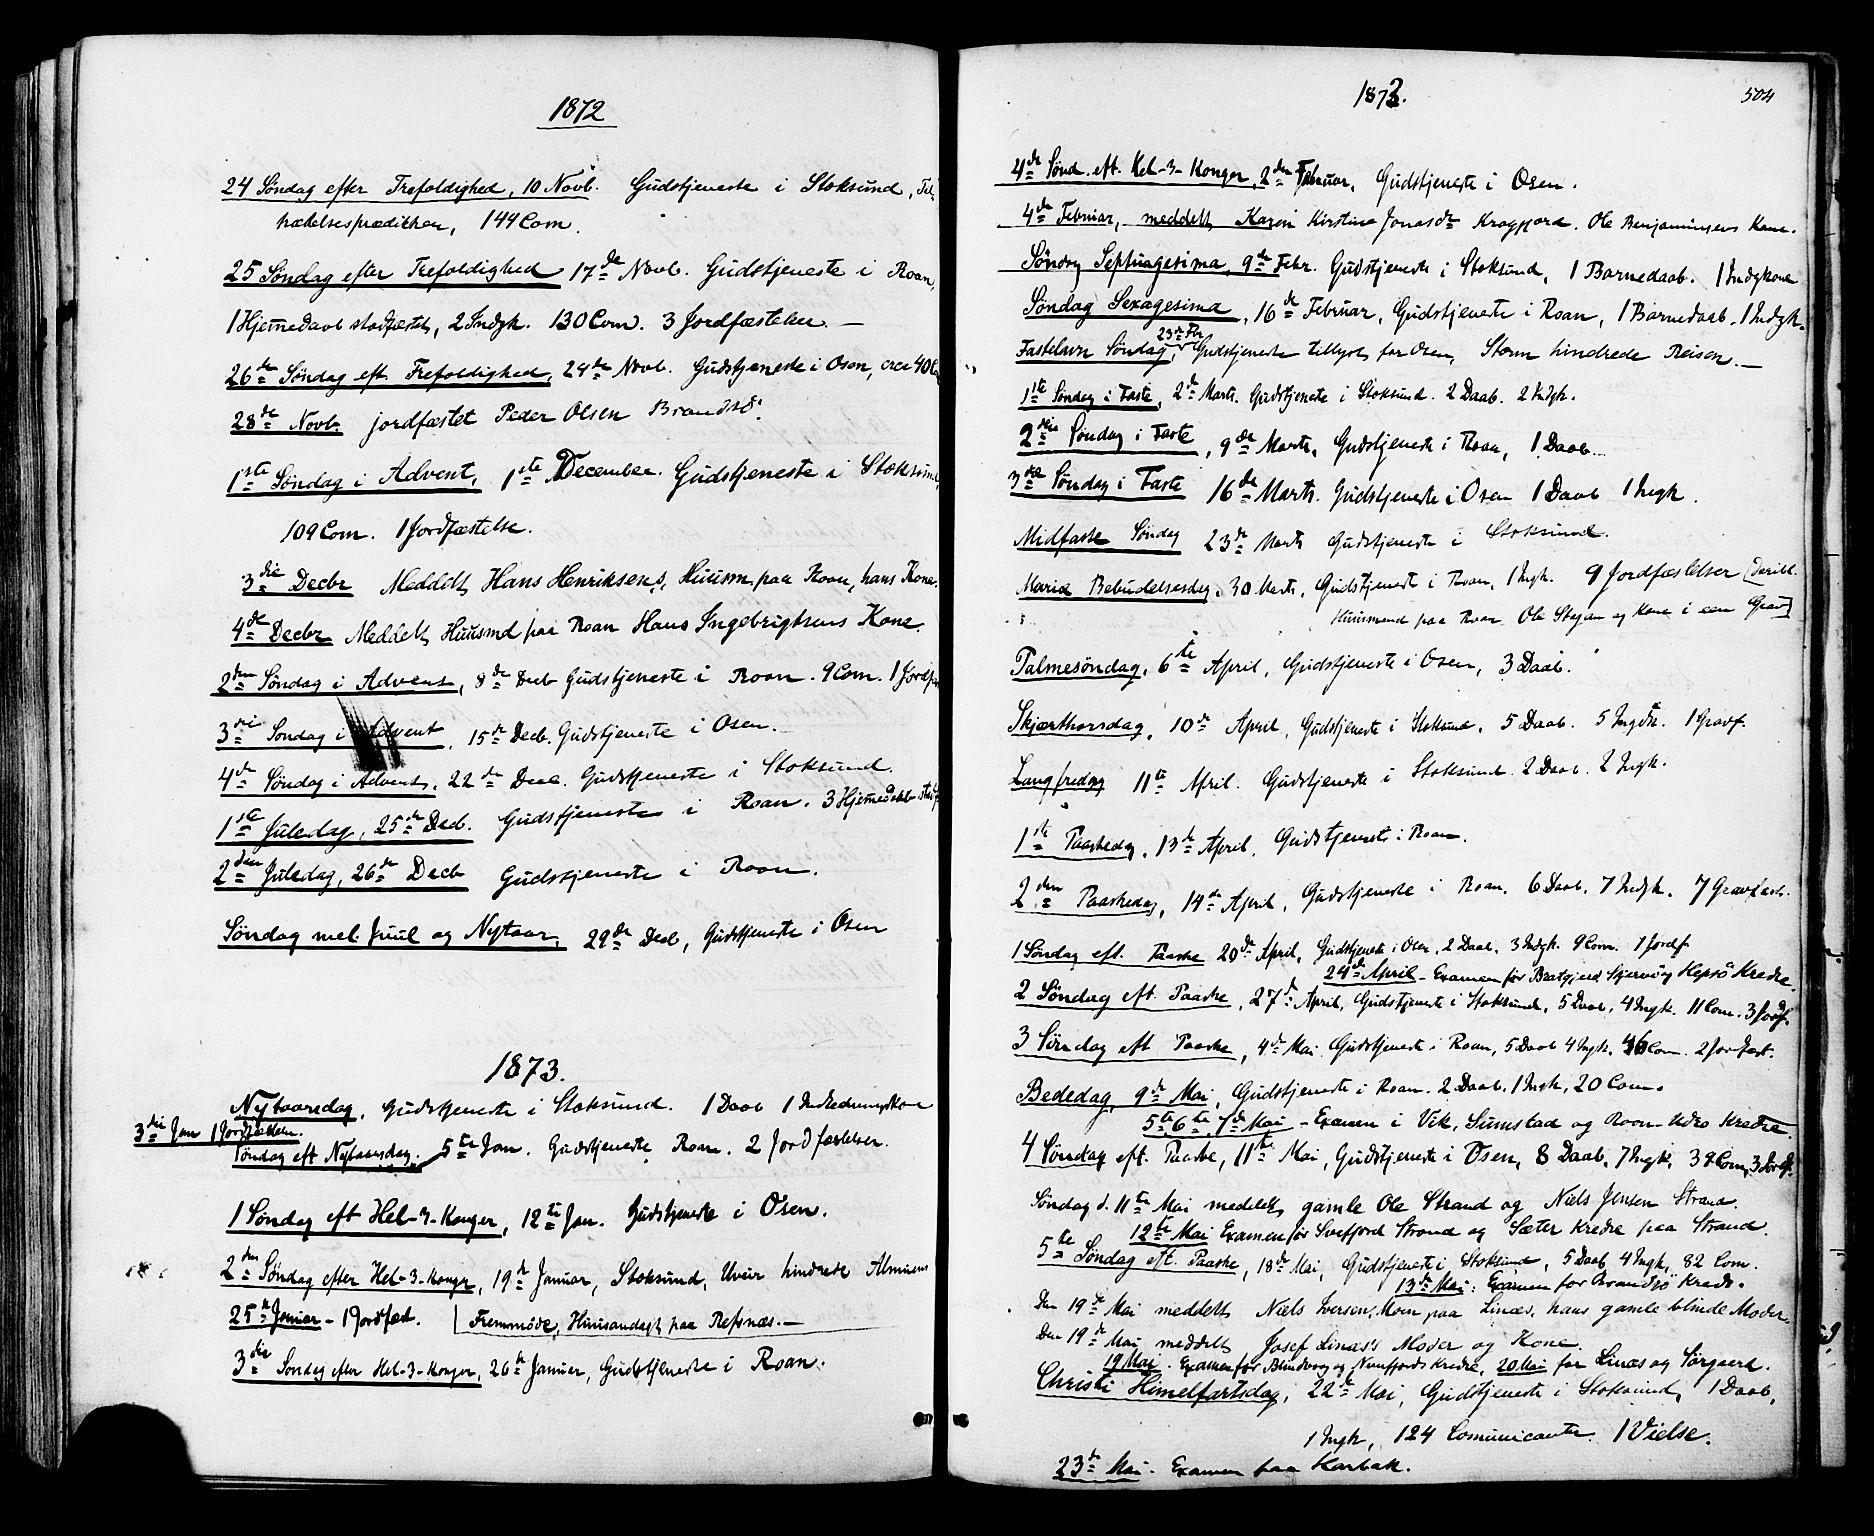 SAT, Ministerialprotokoller, klokkerbøker og fødselsregistre - Sør-Trøndelag, 657/L0706: Ministerialbok nr. 657A07, 1867-1878, s. 504